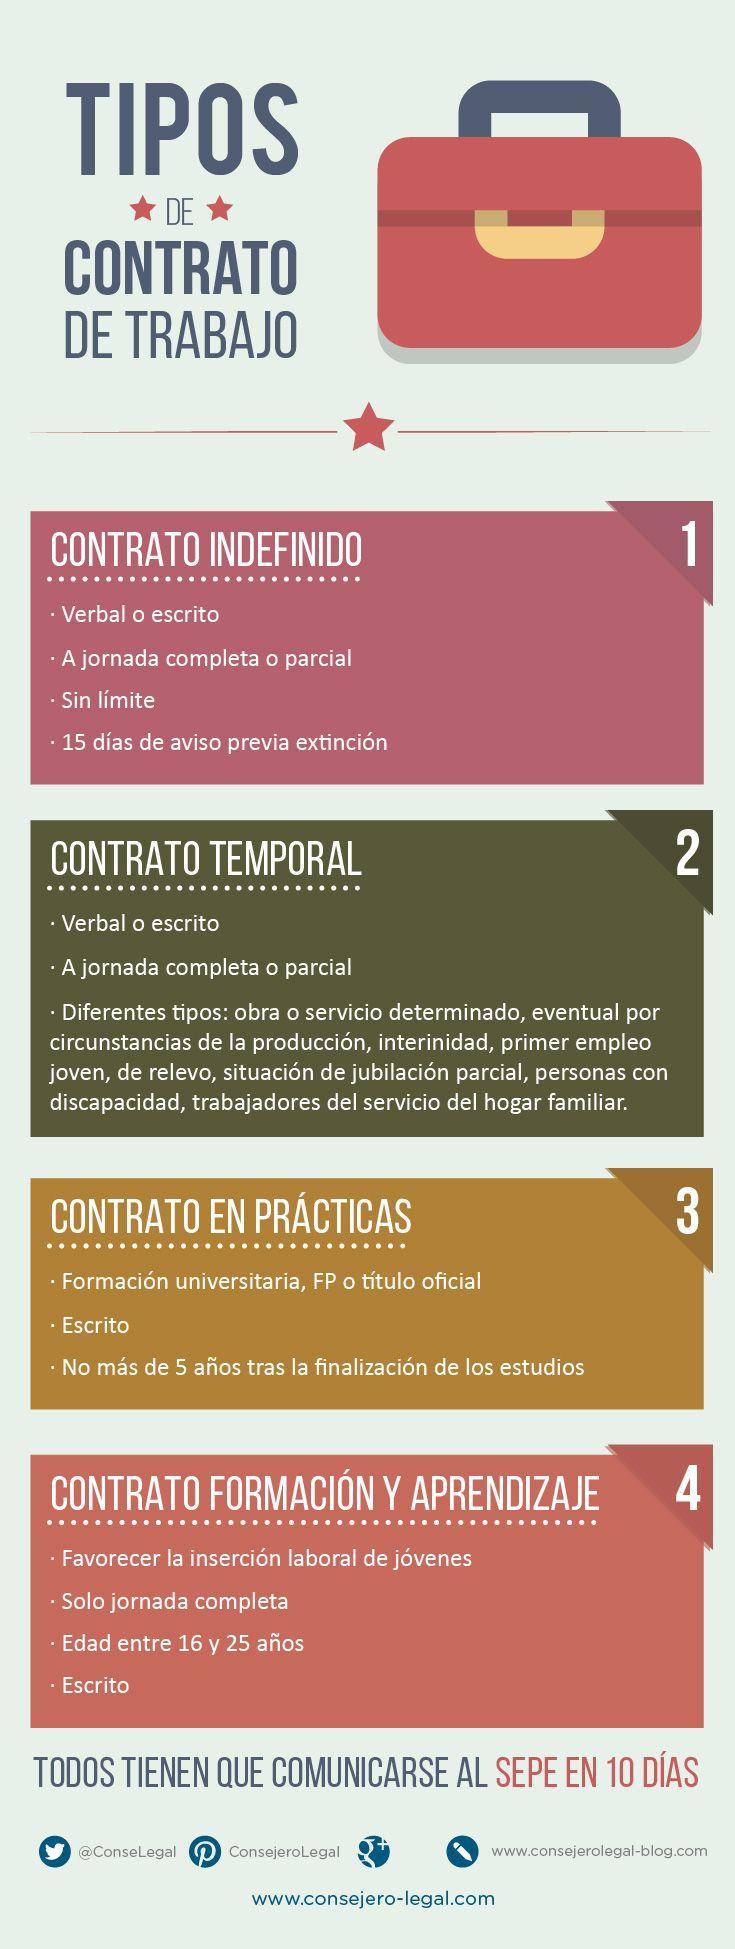 Tipos de contrato de trabajo consejero legal infografia modalidades de contrataci n laboral - Oficinas de trabajo temporal ...